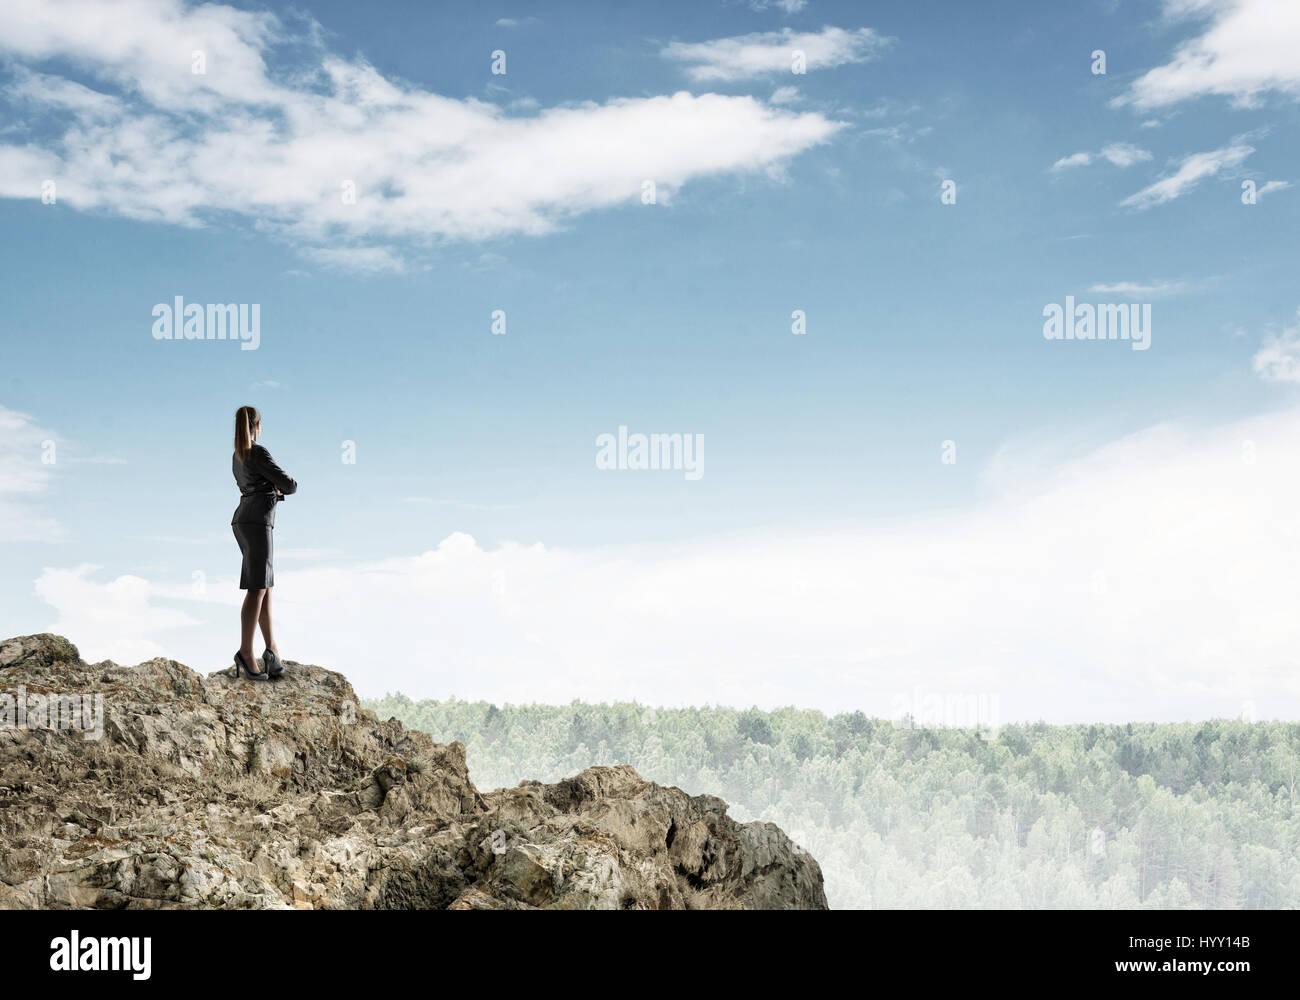 Spitze des Erfolgs zu erreichen Stockbild